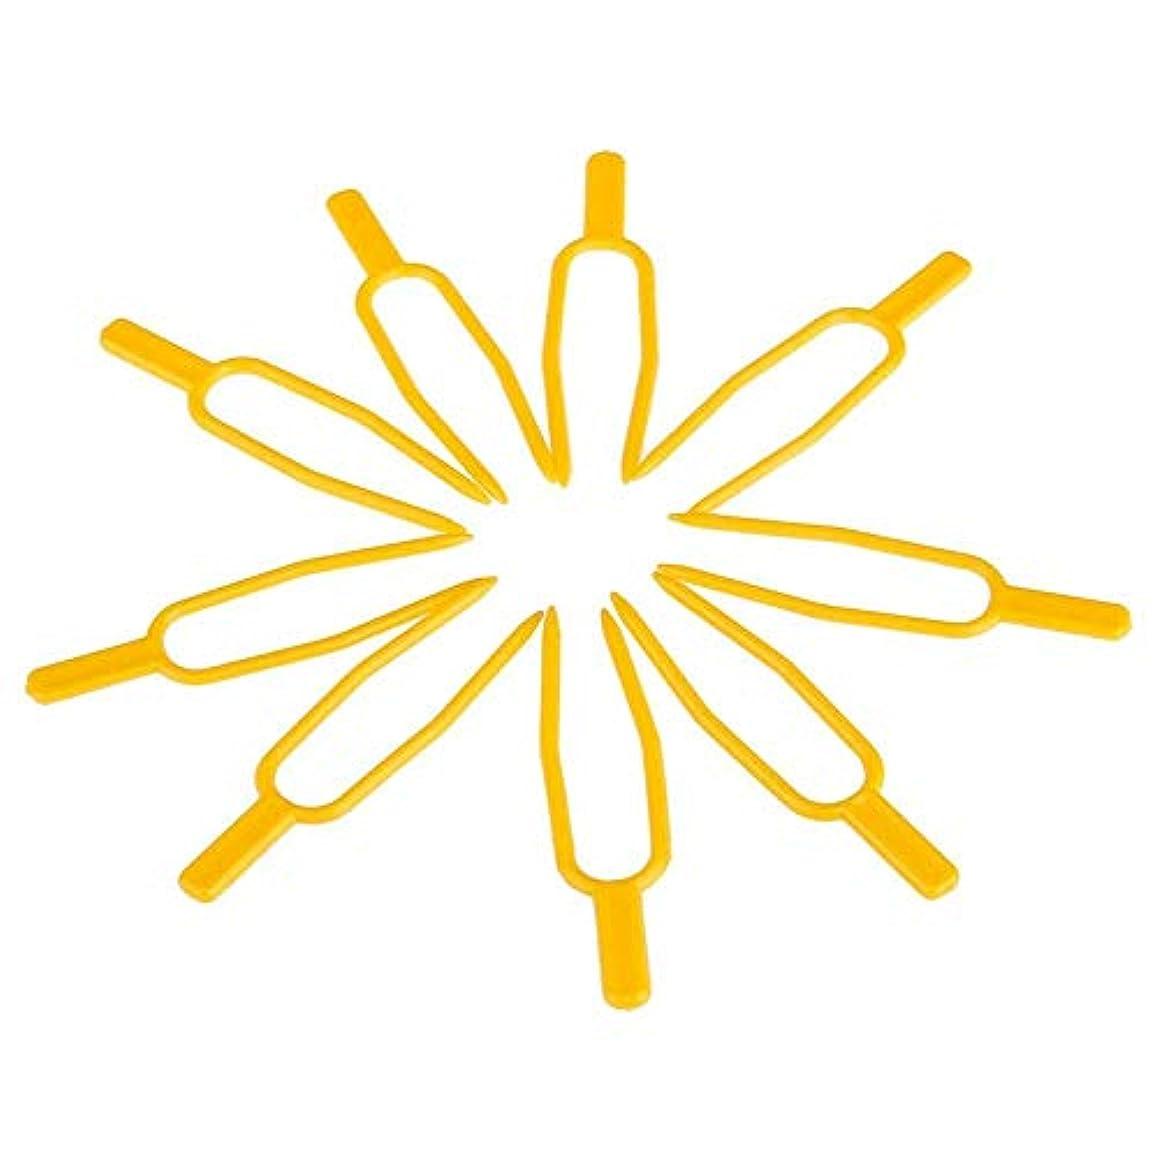 窒息させるインチアクチュエータchaselpod プラントクリップ イチゴフォーク 固定フォーク ガーデンツール DIY 工具 園芸用便利クリップ 100個入りセット